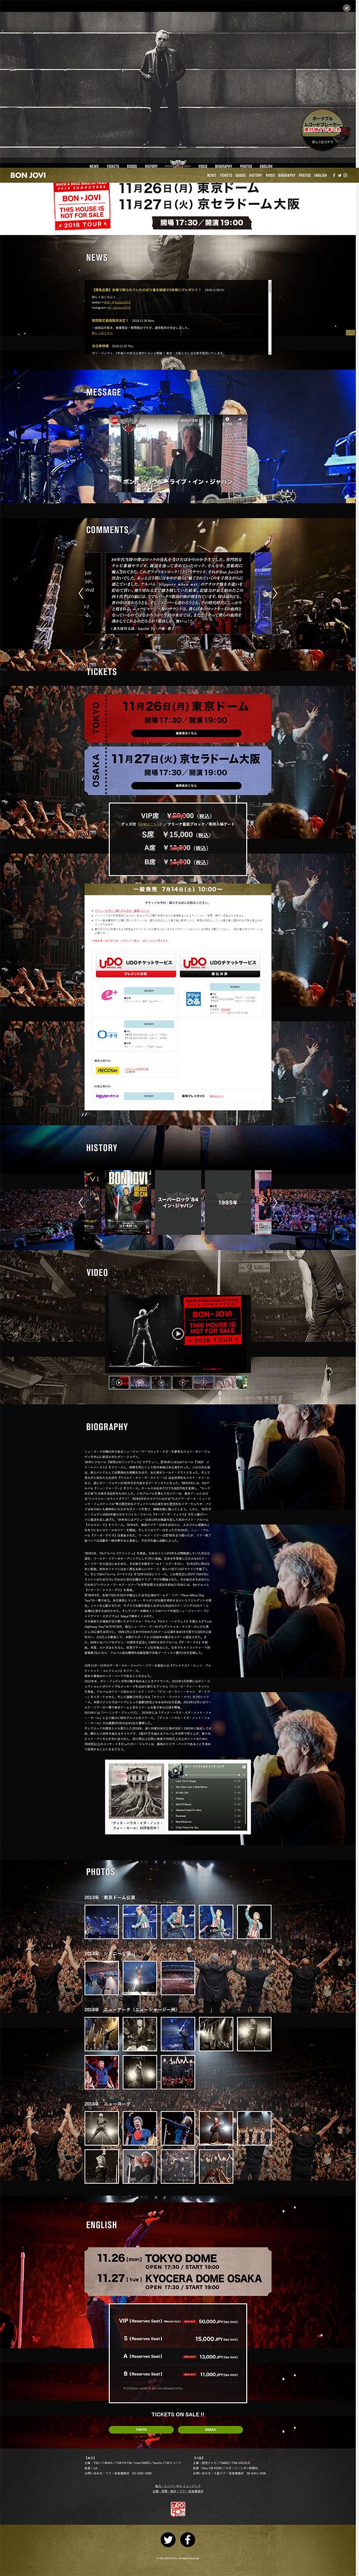 ボン・ジョヴィ日本公演2018特設サイト| BON JOVI SPECIAL SITE